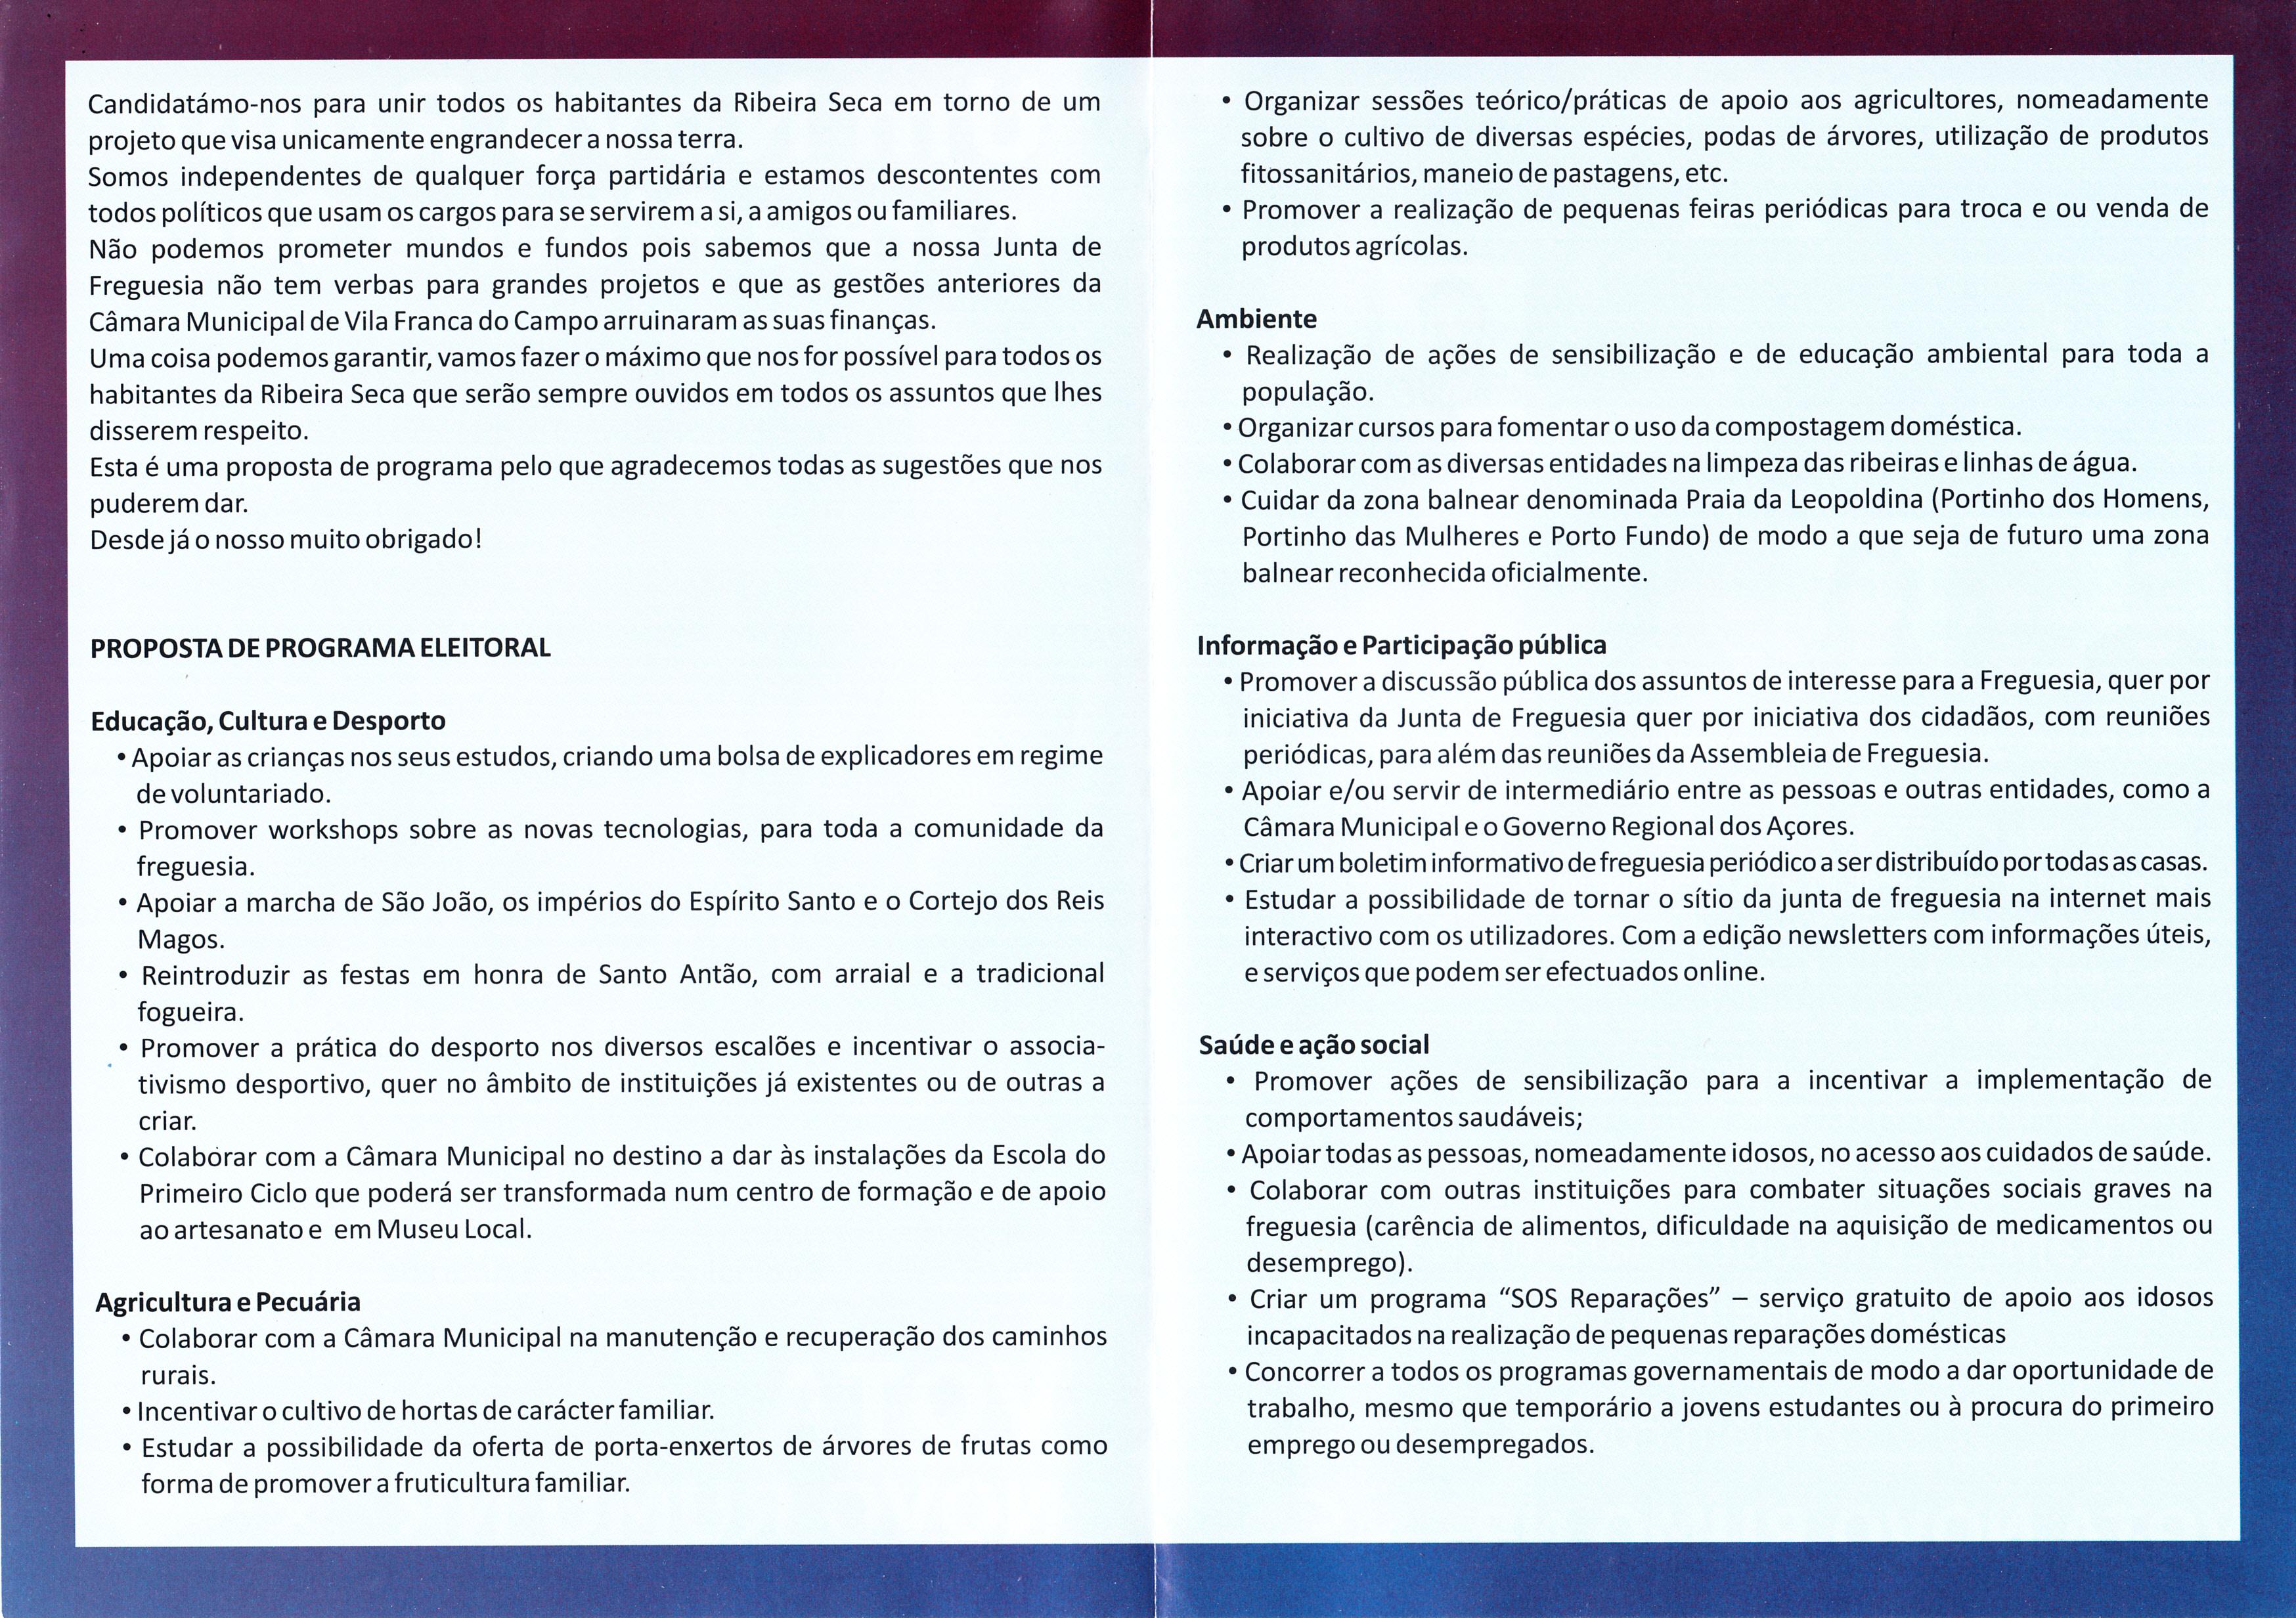 Novo Rumo_2013_Ribeira seca_Acores_0002